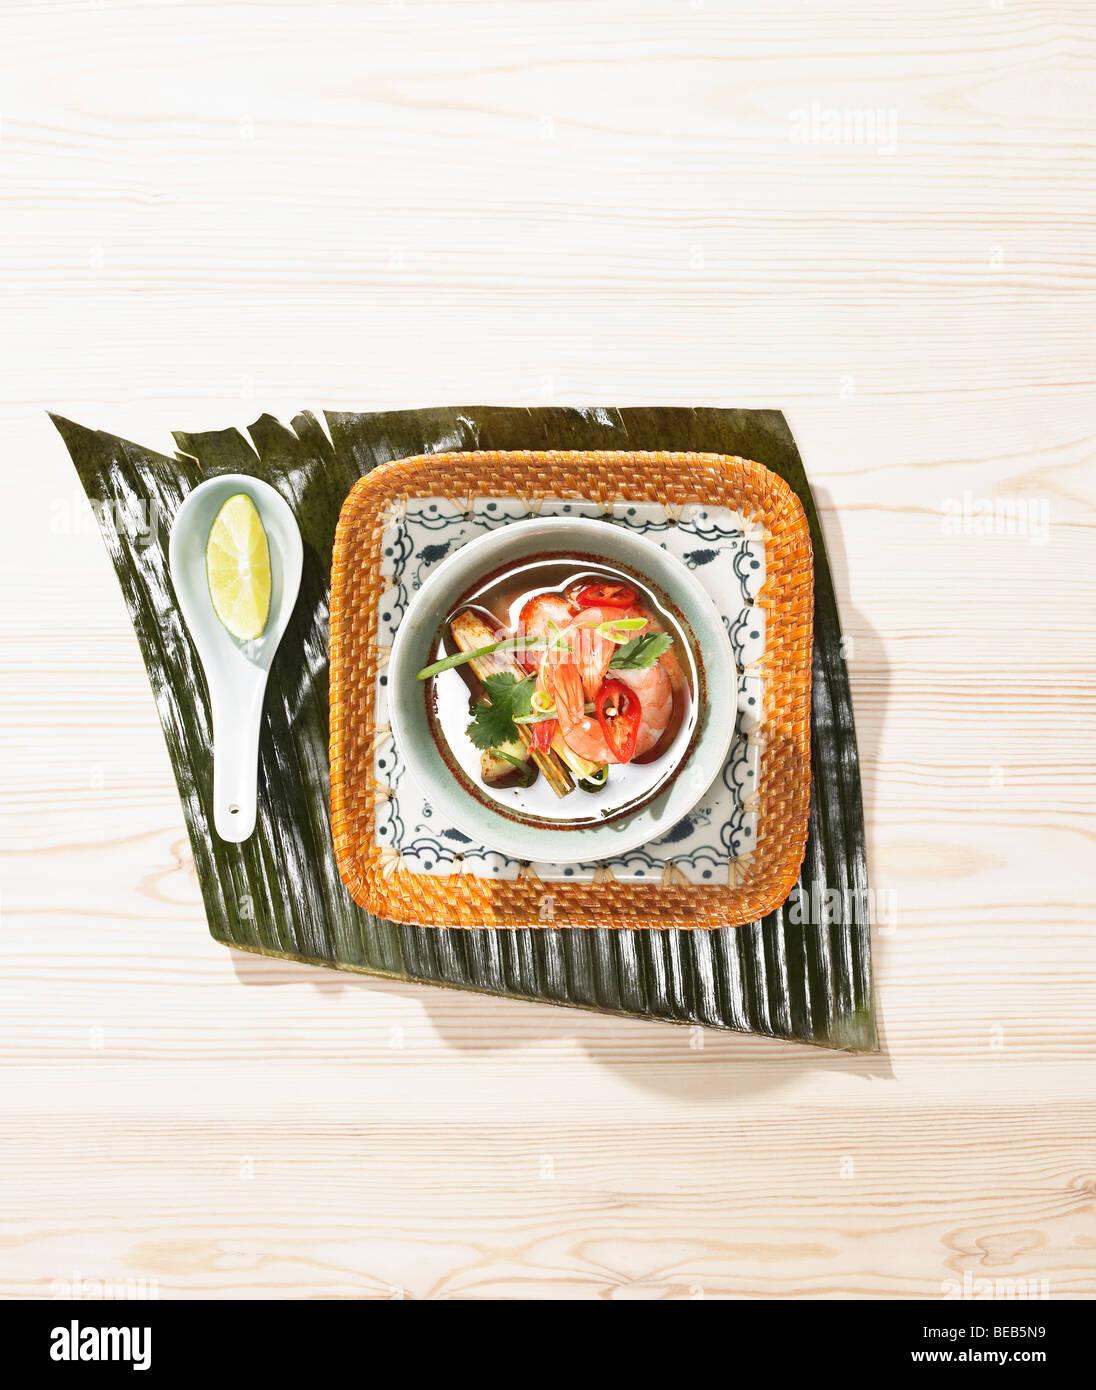 Soupe de crevettes et citronnelle, plat de style asiatique. Banque D'Images